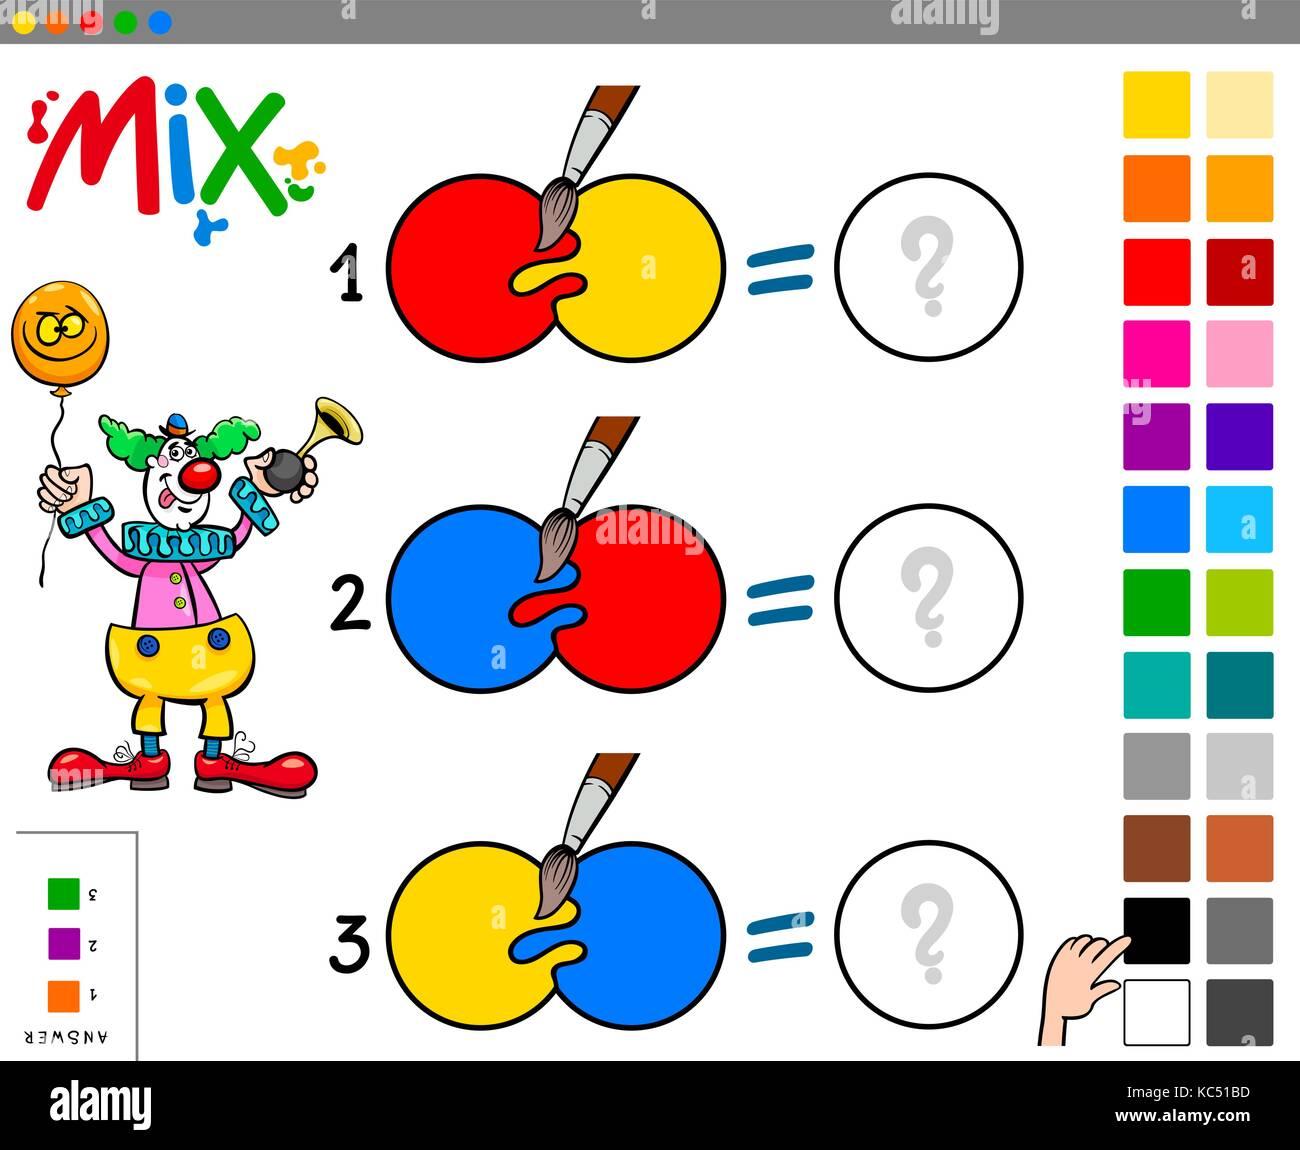 cartoon abbildung: mischen von farben lernspiel für kinder mit clown